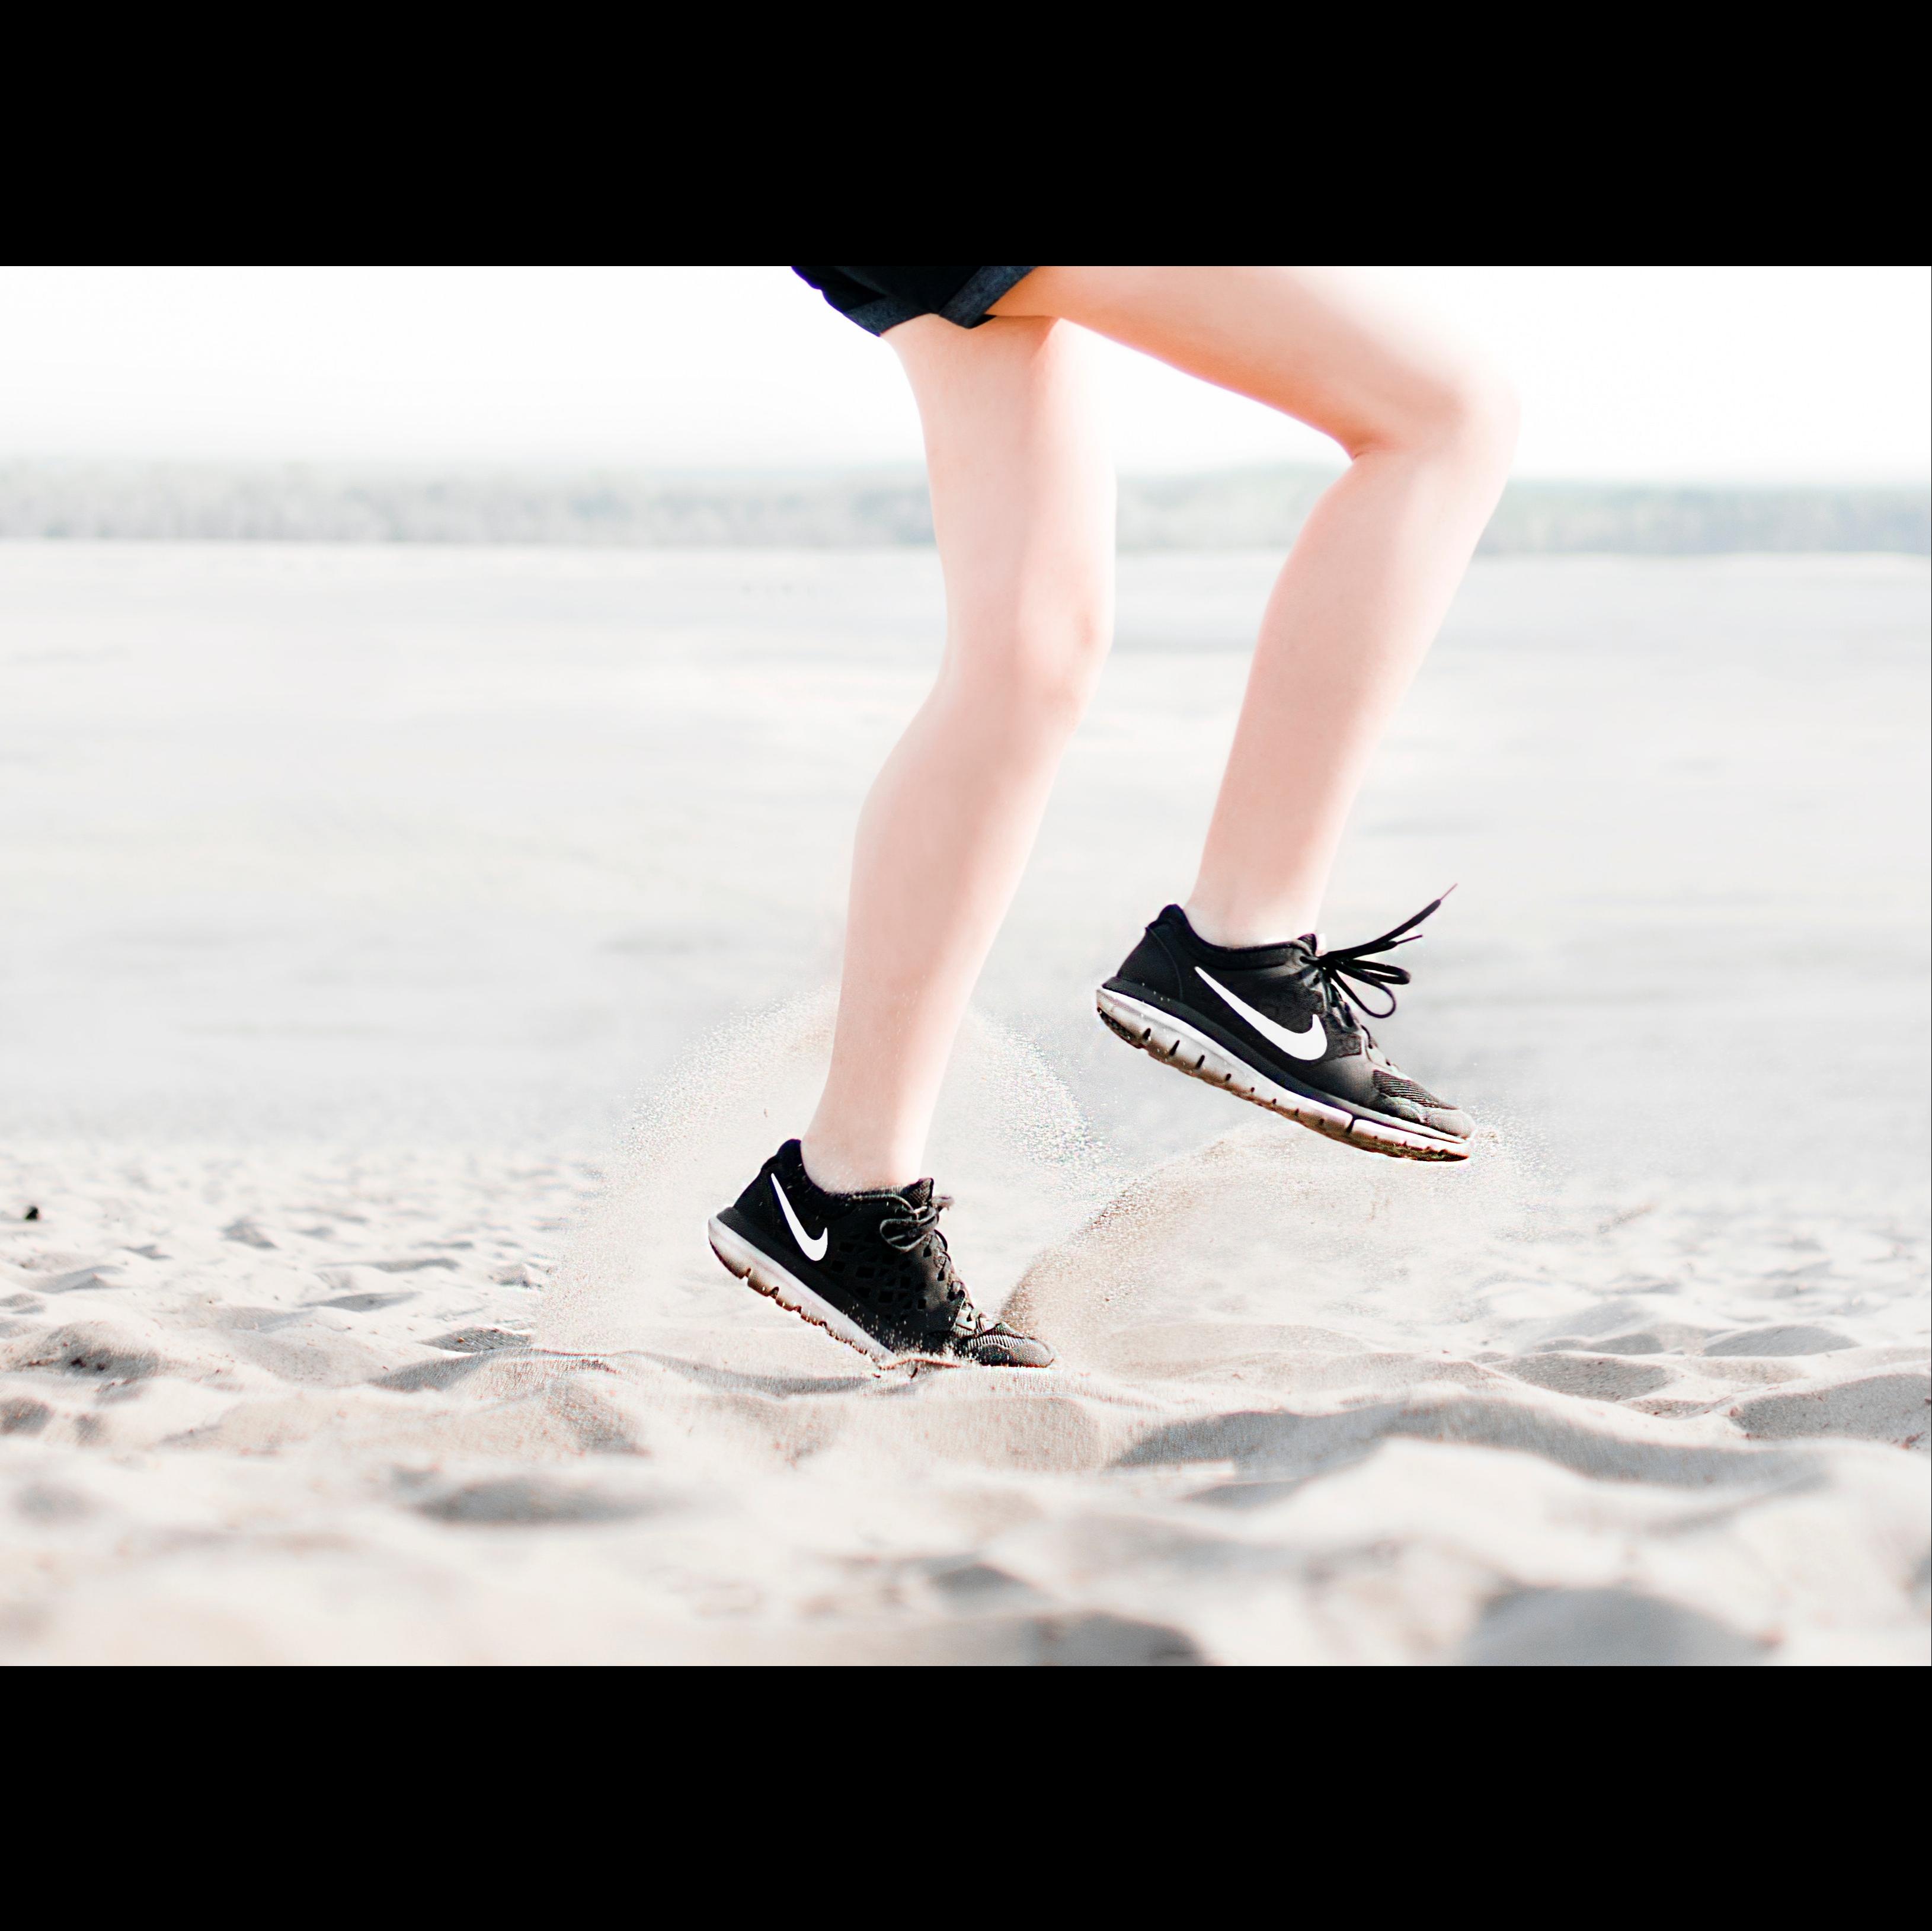 粗壯小腿肌這樣瘦!醫美速成法打造纖細不是夢